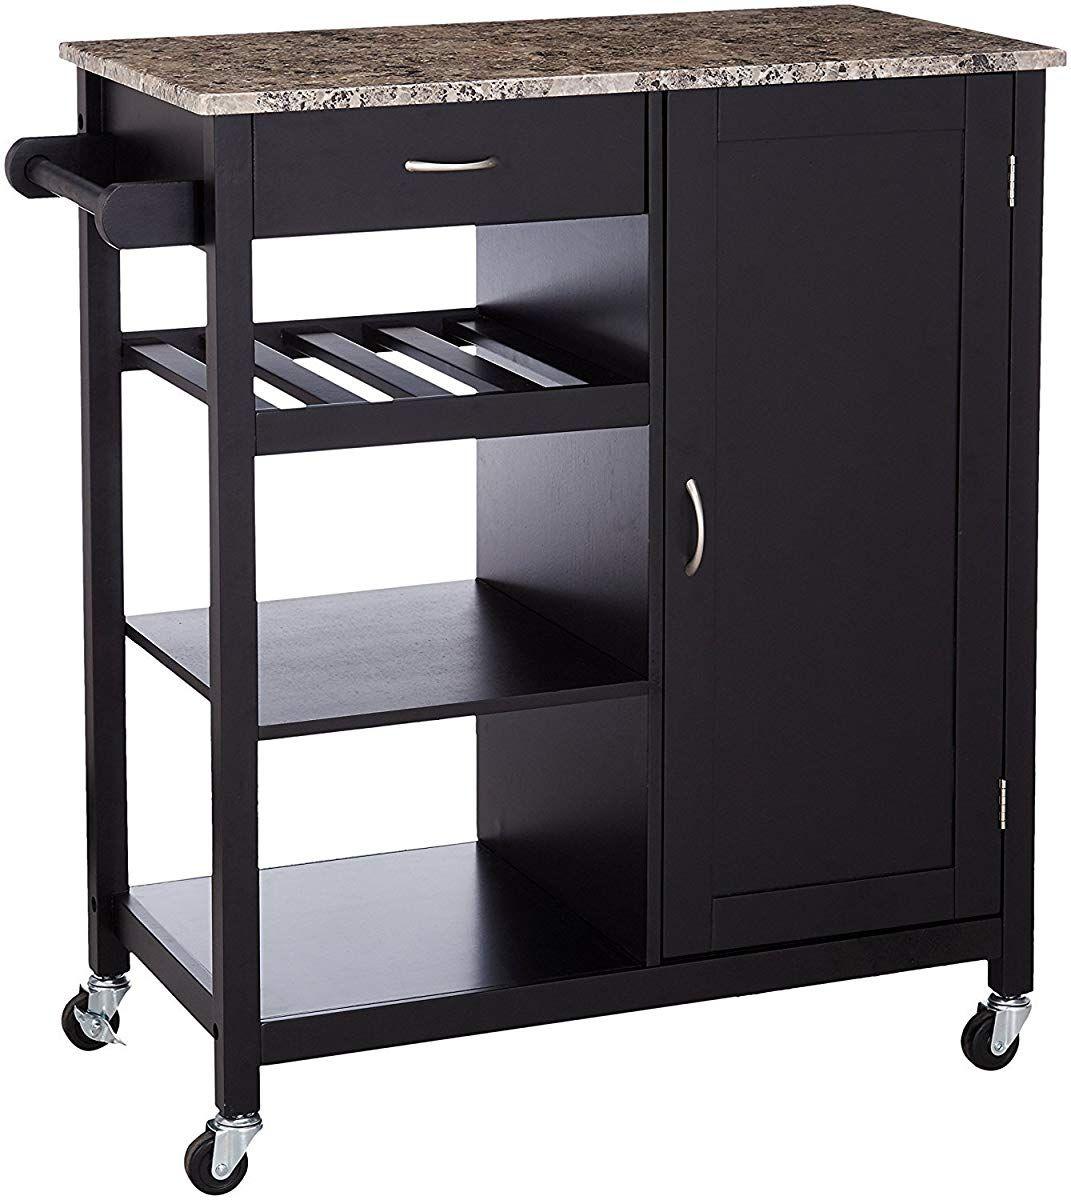 Marble Top Kitchen Storage Cabinet Cart Kitchen Cabinet Storage Wooden Kitchen Storage